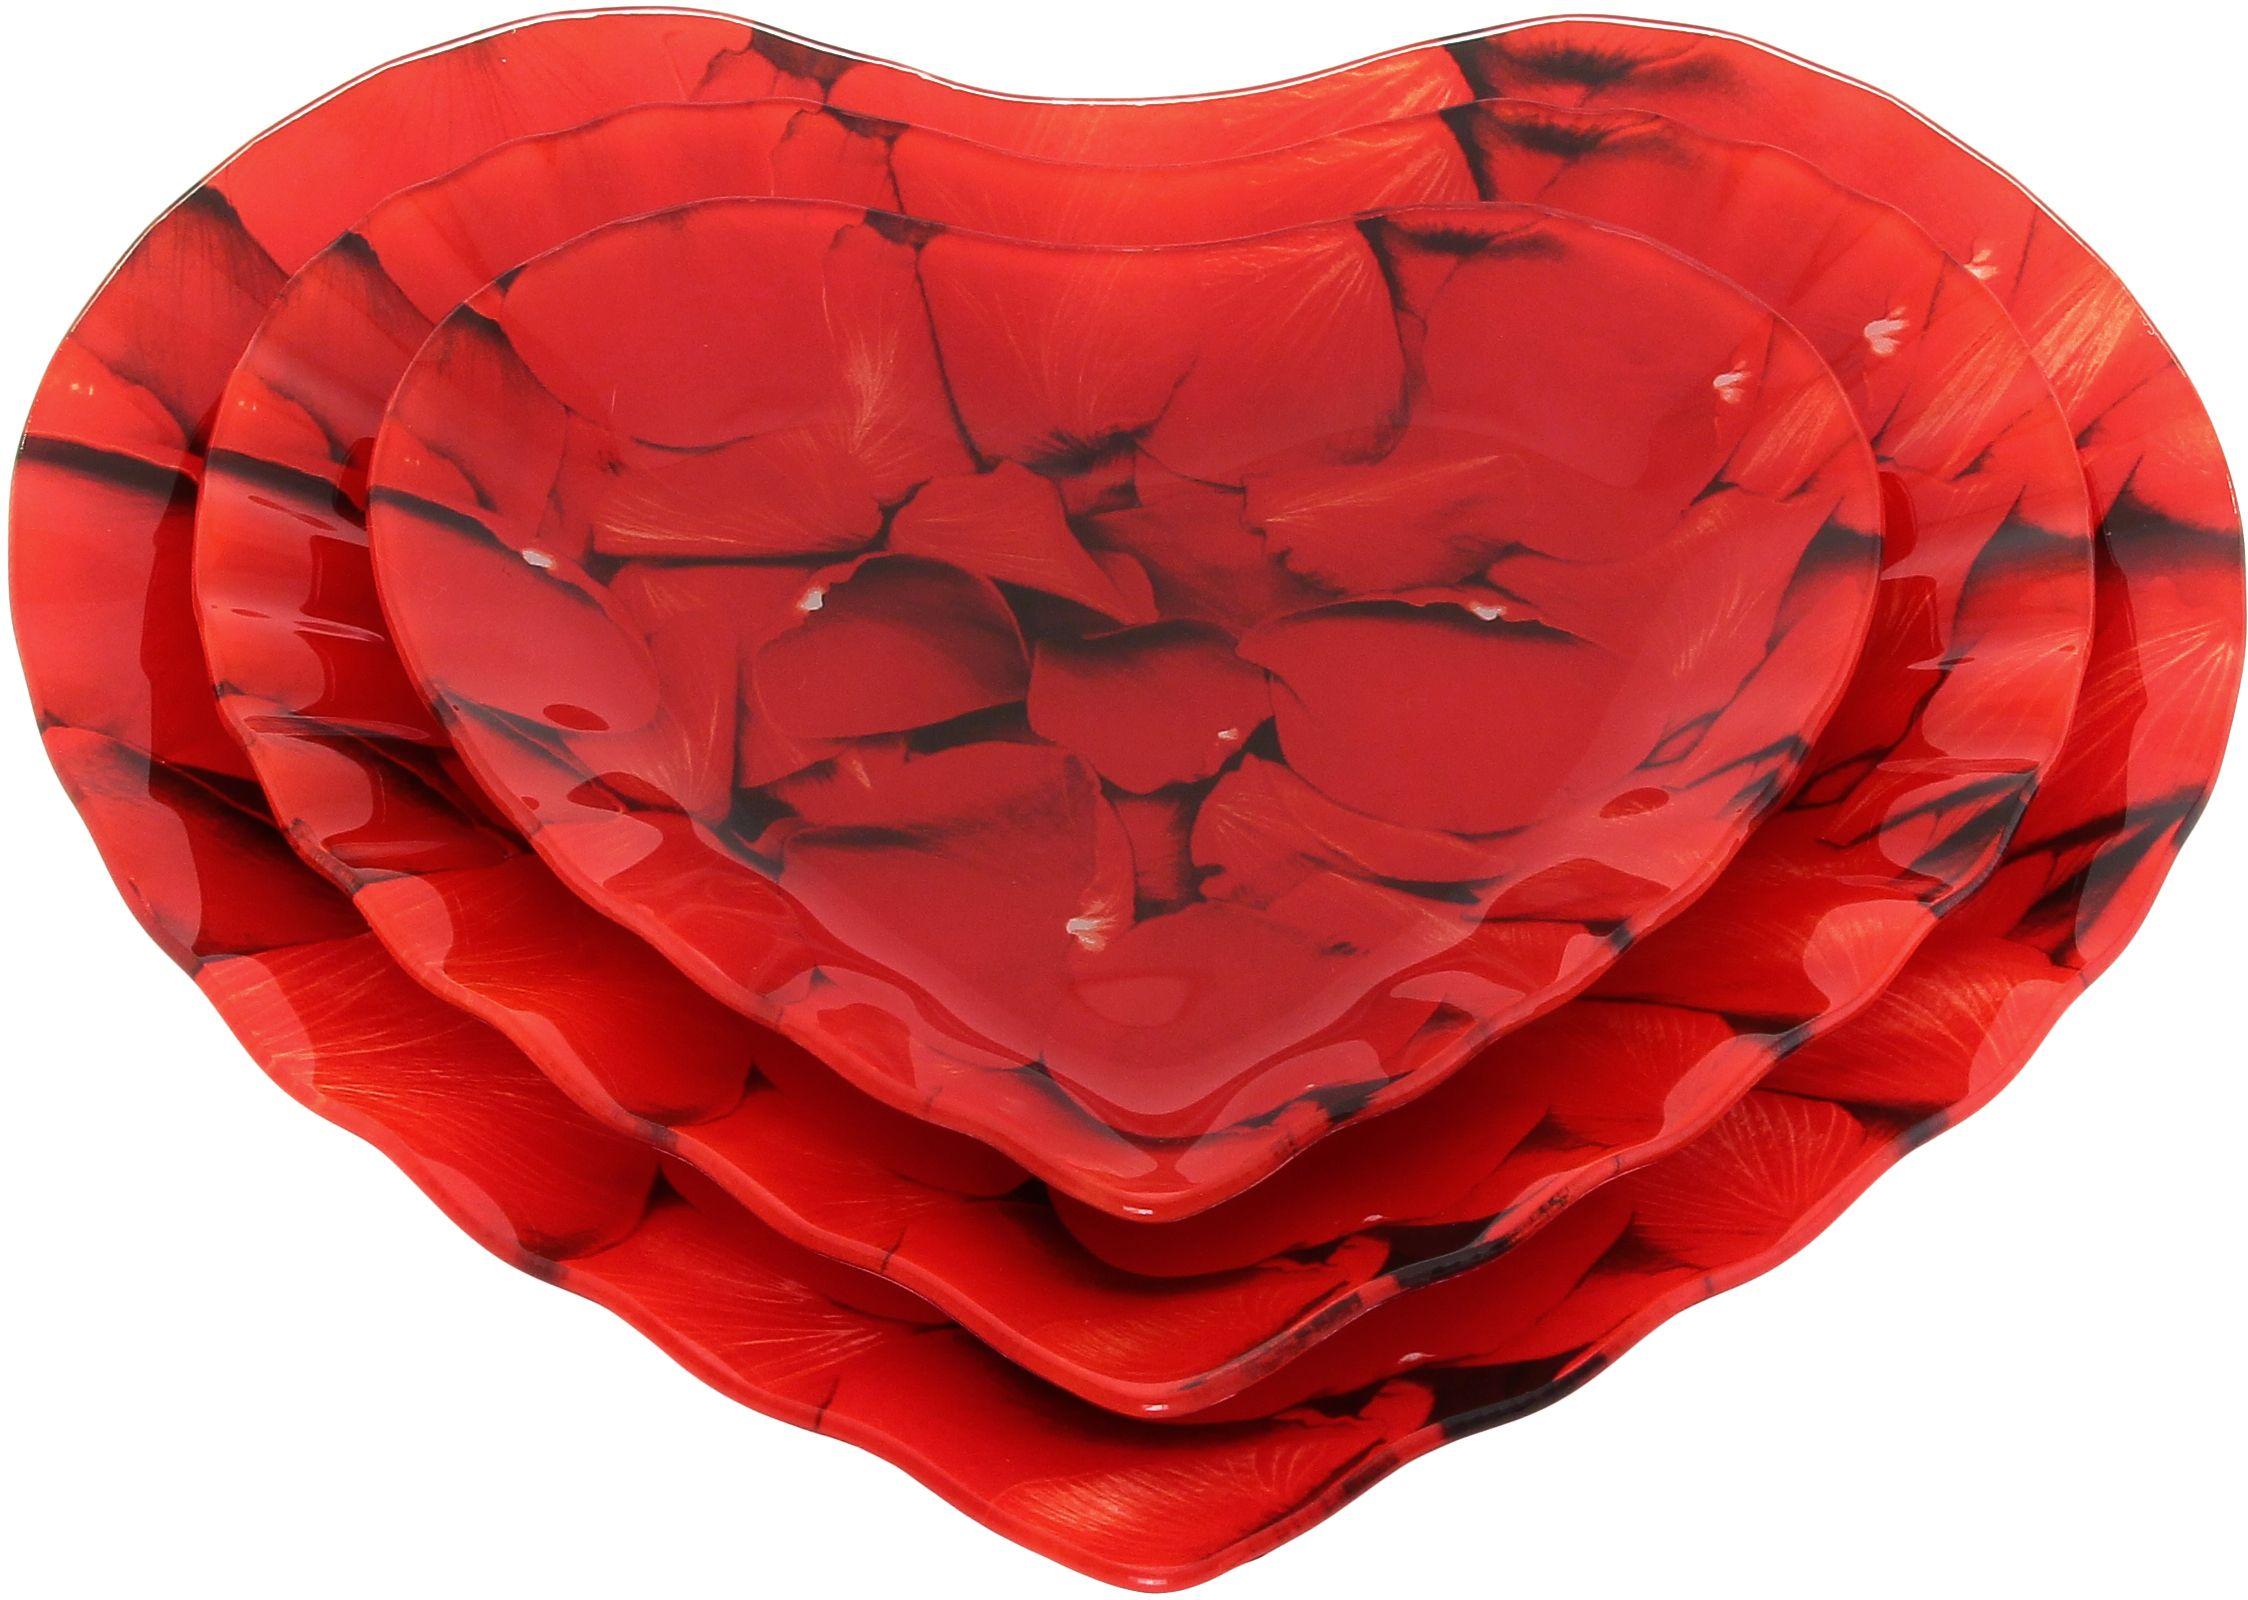 Набор тарелок Elan Gallery Сердце, 3 предмета890133Не важно, какая у Вас посуда, в цветочек, белая, цветная, в горошек или полоску, посуда из стекла подойдет к любой. Придает легкость, воздушность сервировке стола и создаст особую атмосферу праздника.